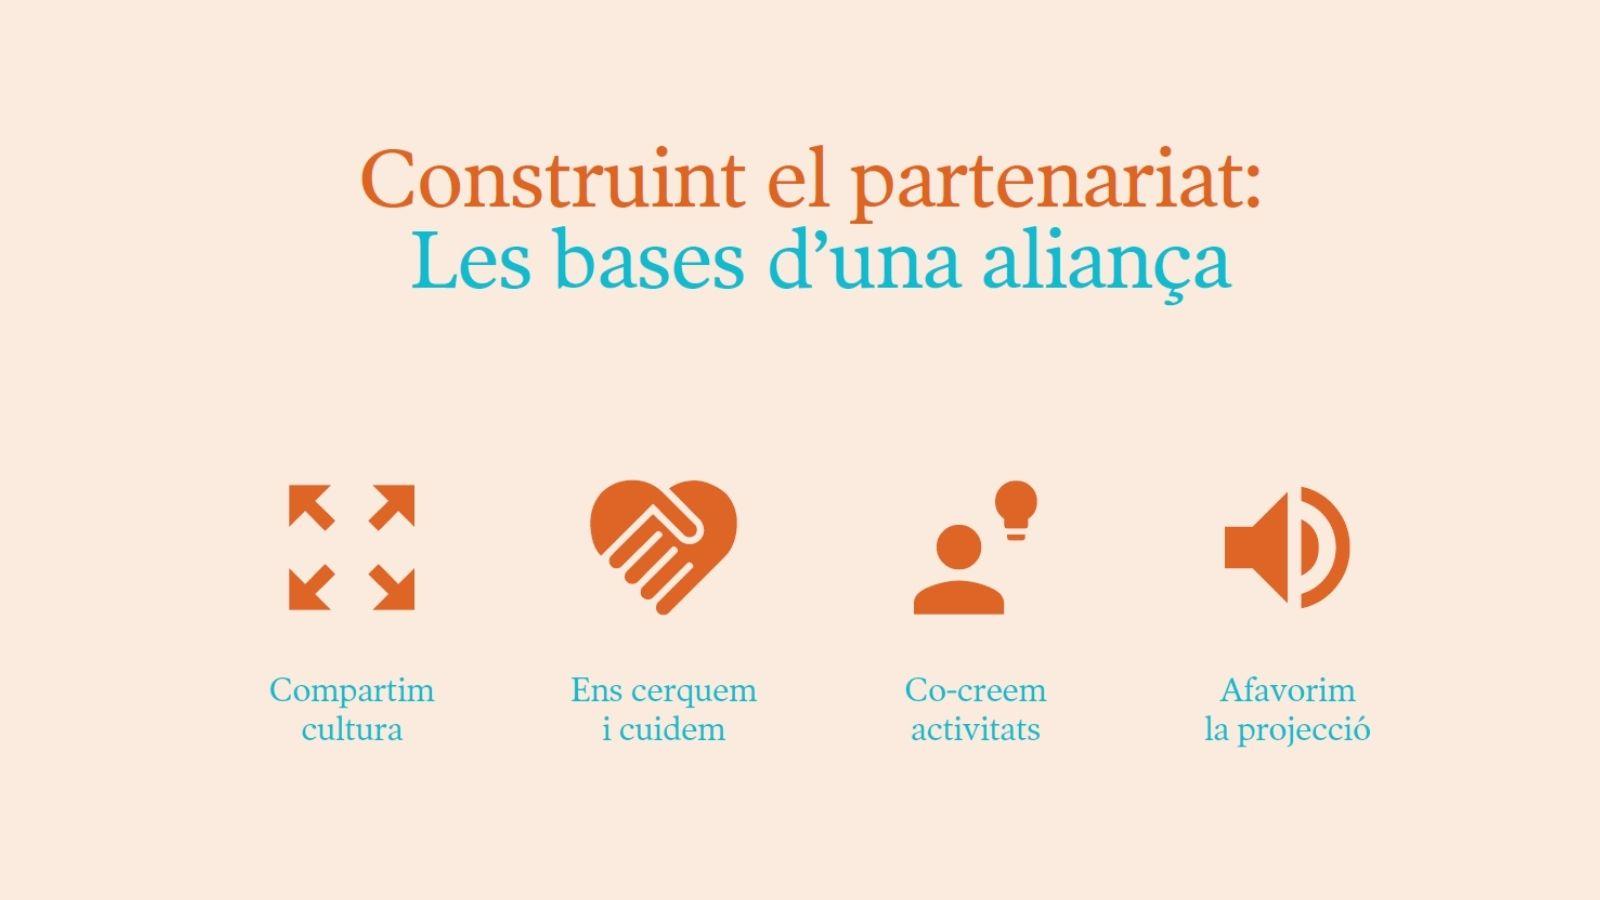 ldb-infografia-partenariat.jpg